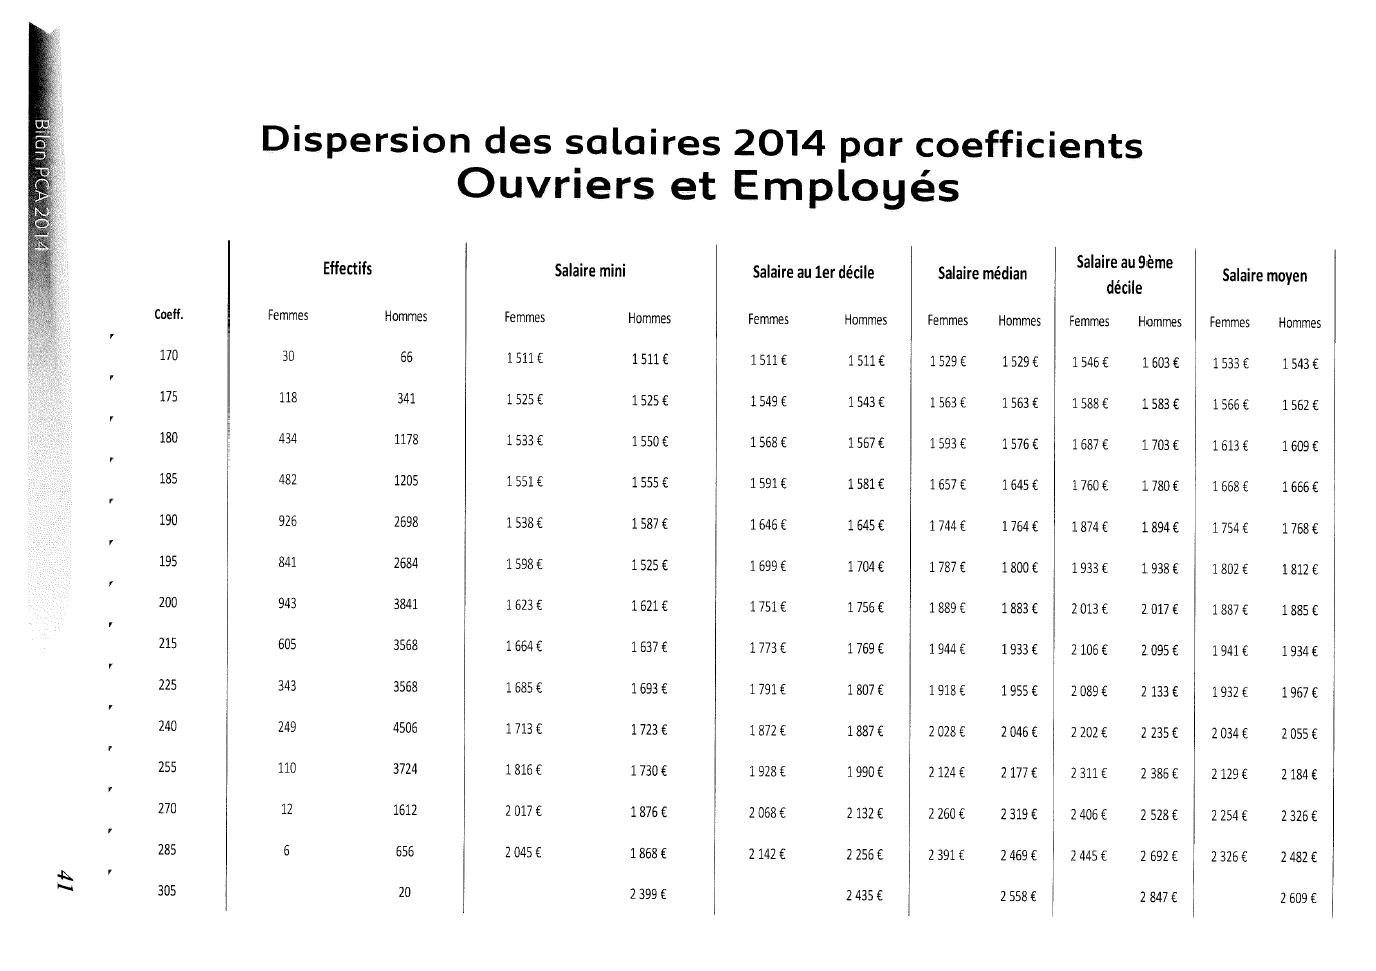 Dispersion des salaires par coefficients Ouvriers et Employés View ...